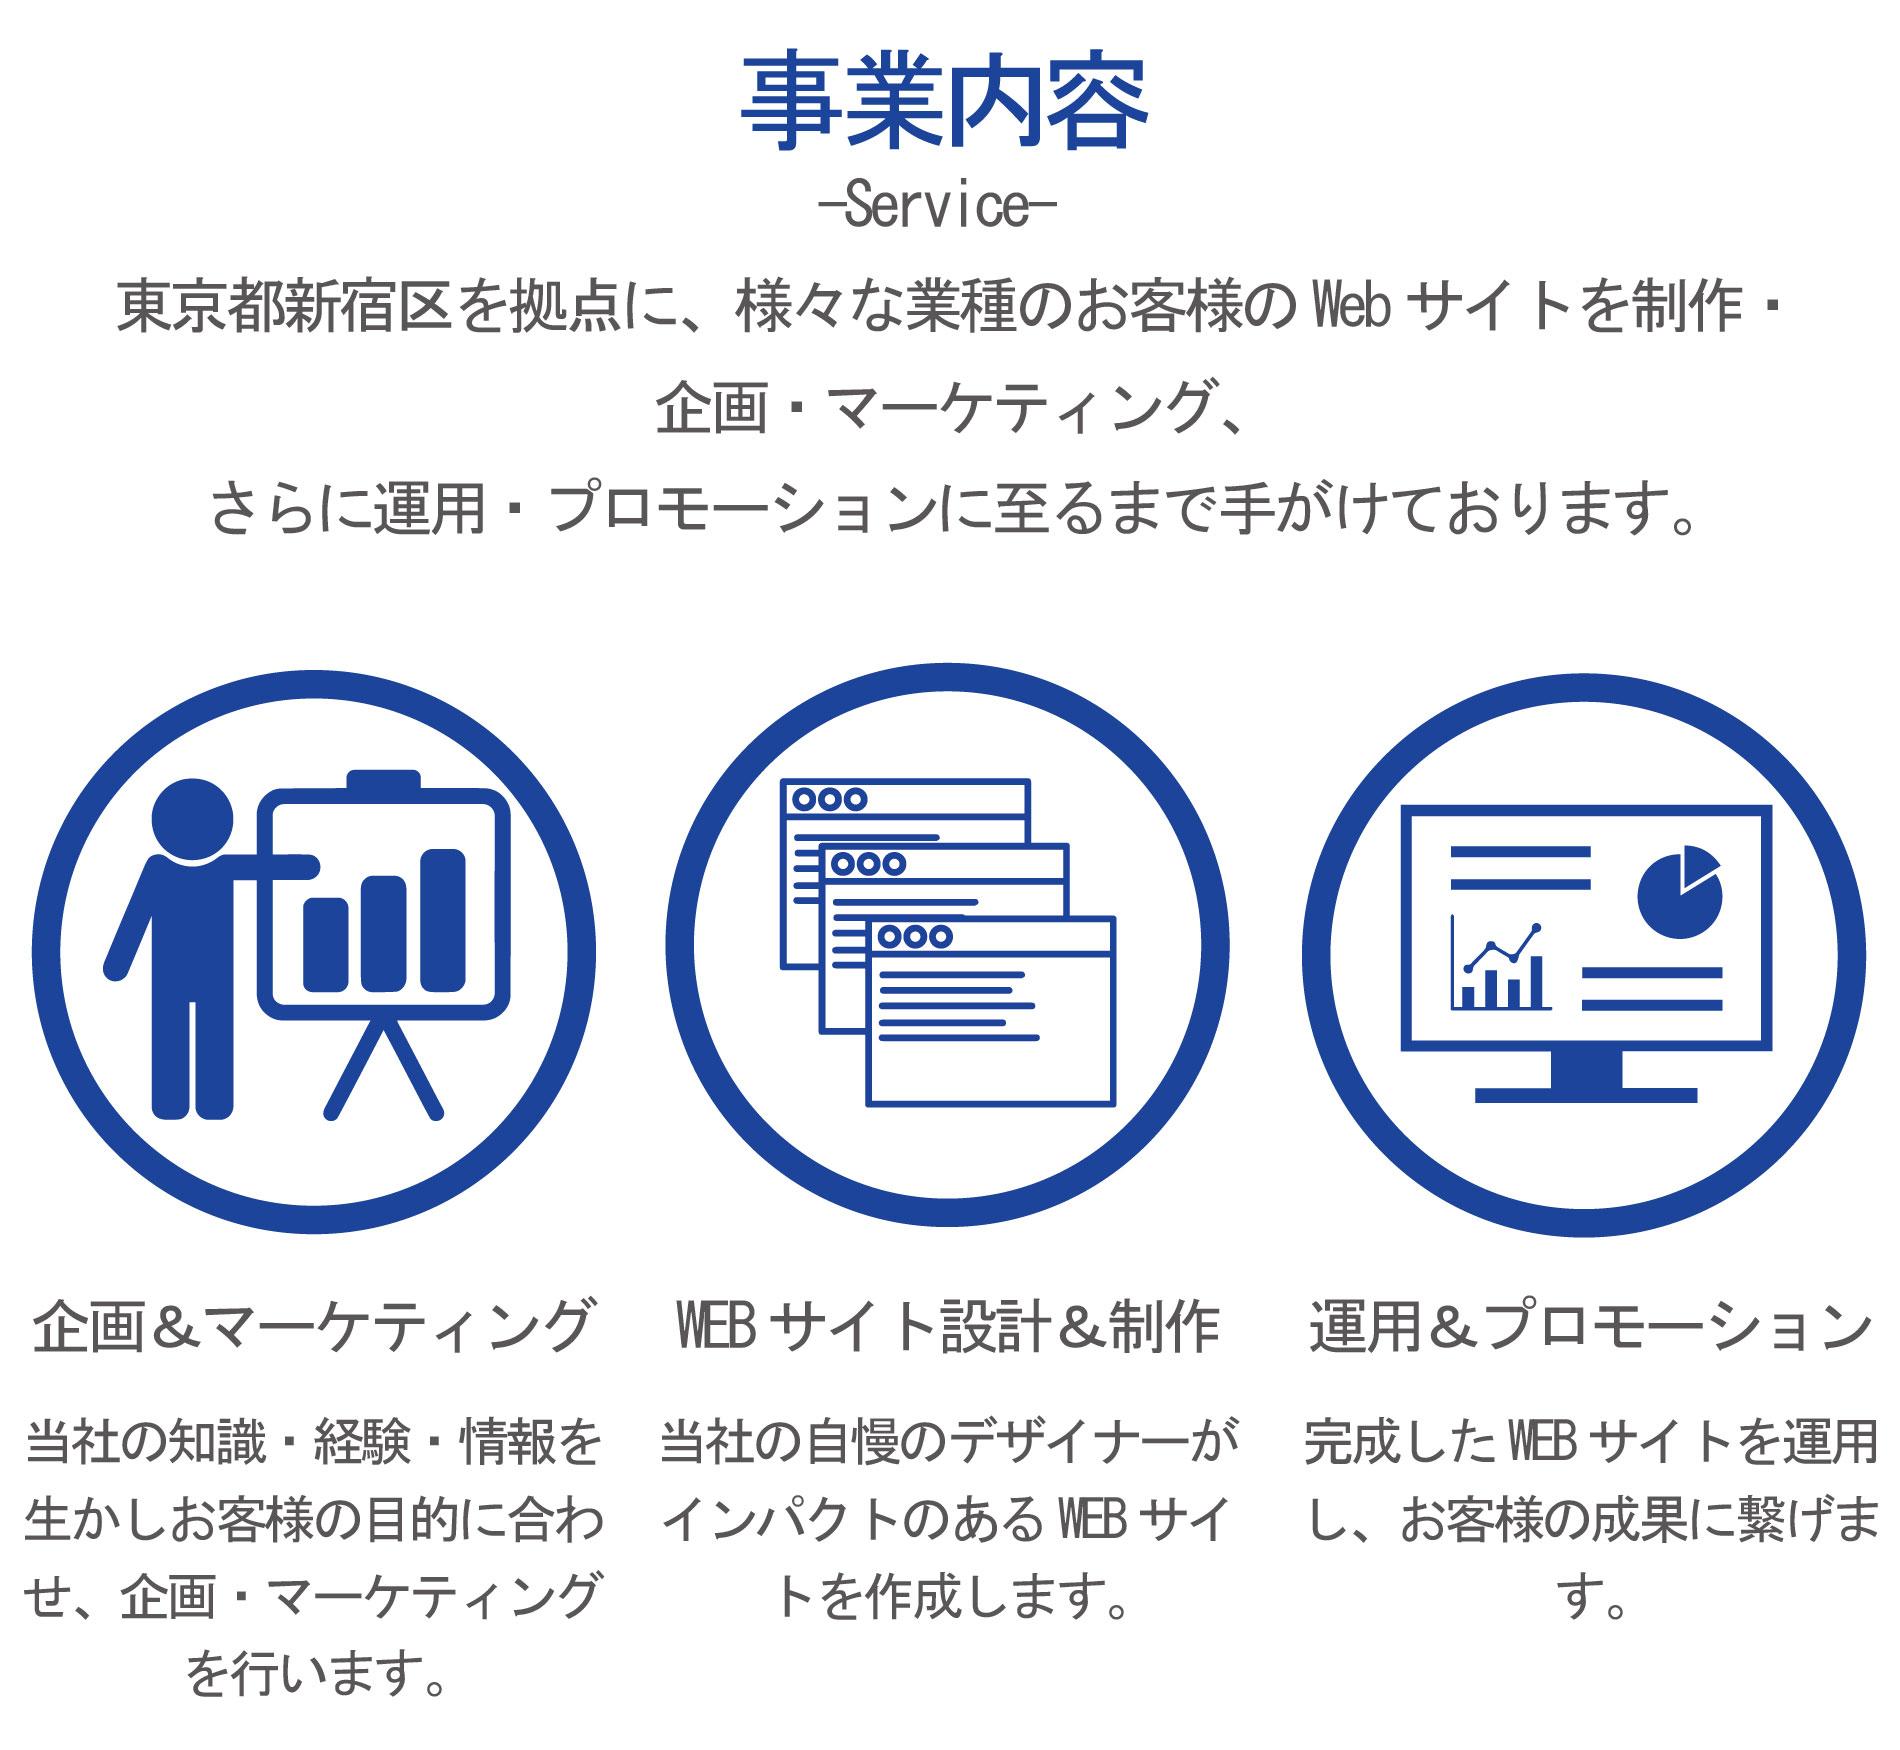 事業内容 -Service-  東京都新宿区を拠点に、様々な業種のお客様のWebサイトを制作、企画・マーケティング、 さらに運用・プロモーションに至るまで手がけております。  企画&マーケティング 当社の知識・経験・情報を生かしお客様の目的に合わせ、企画・マーケティングを行います。  WEBサイト設計&制作 当社の自慢のデザイナーがインパクトのあるWEBサイトを作成します。  運用&プロモーション 完成したWEBサイトを運用し、お客様の成果に繋げます。